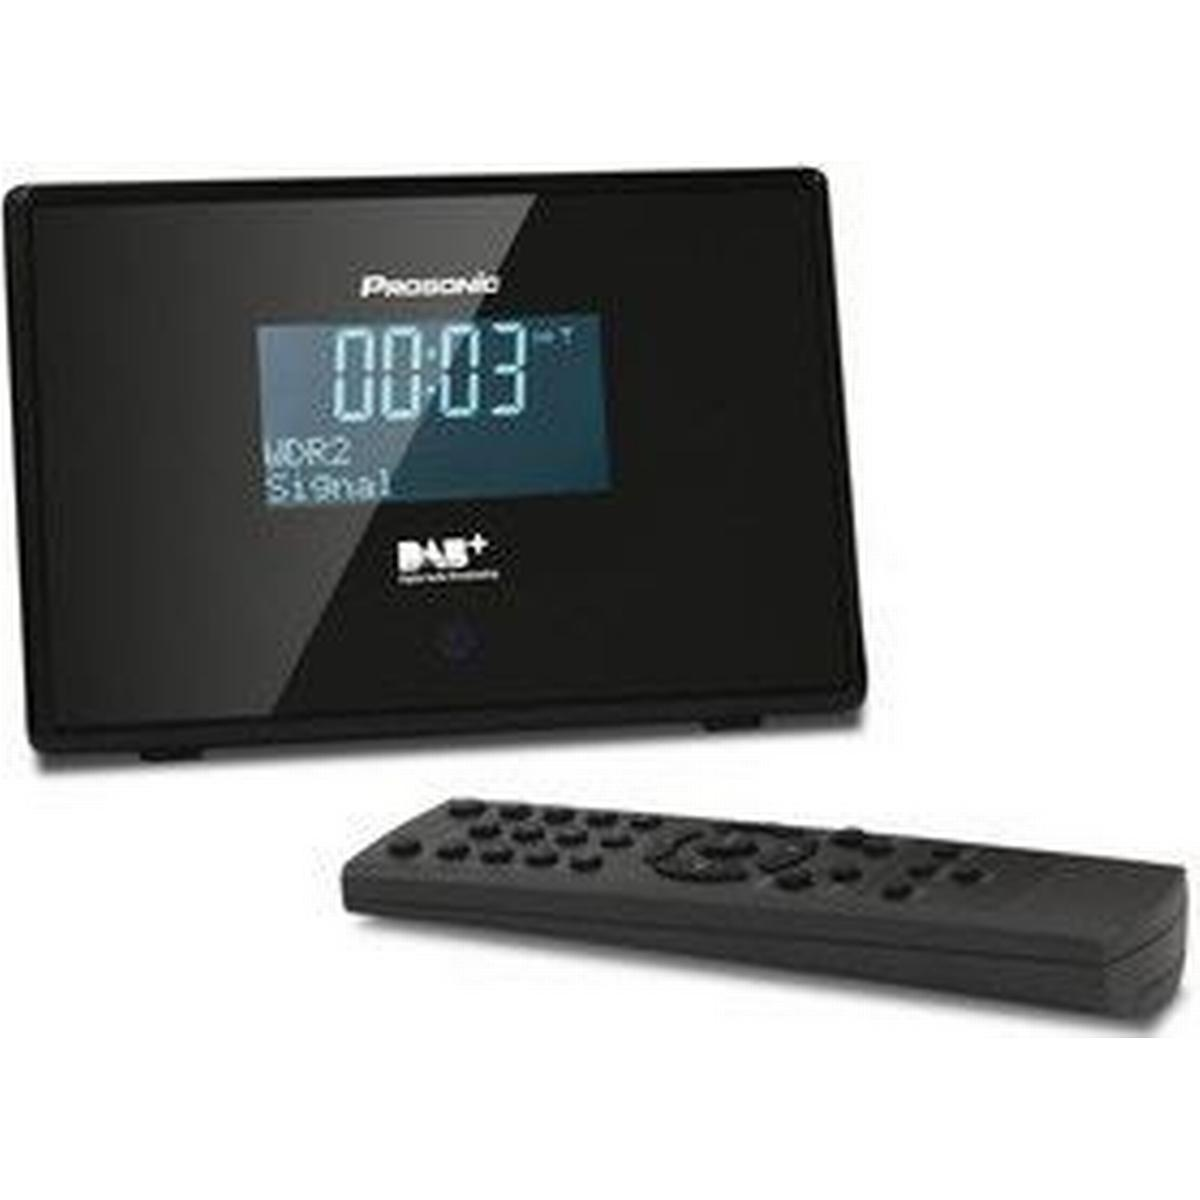 Tidsmæssigt Prosonic Radio - Sammenlign priser hos PriceRunner HV-43